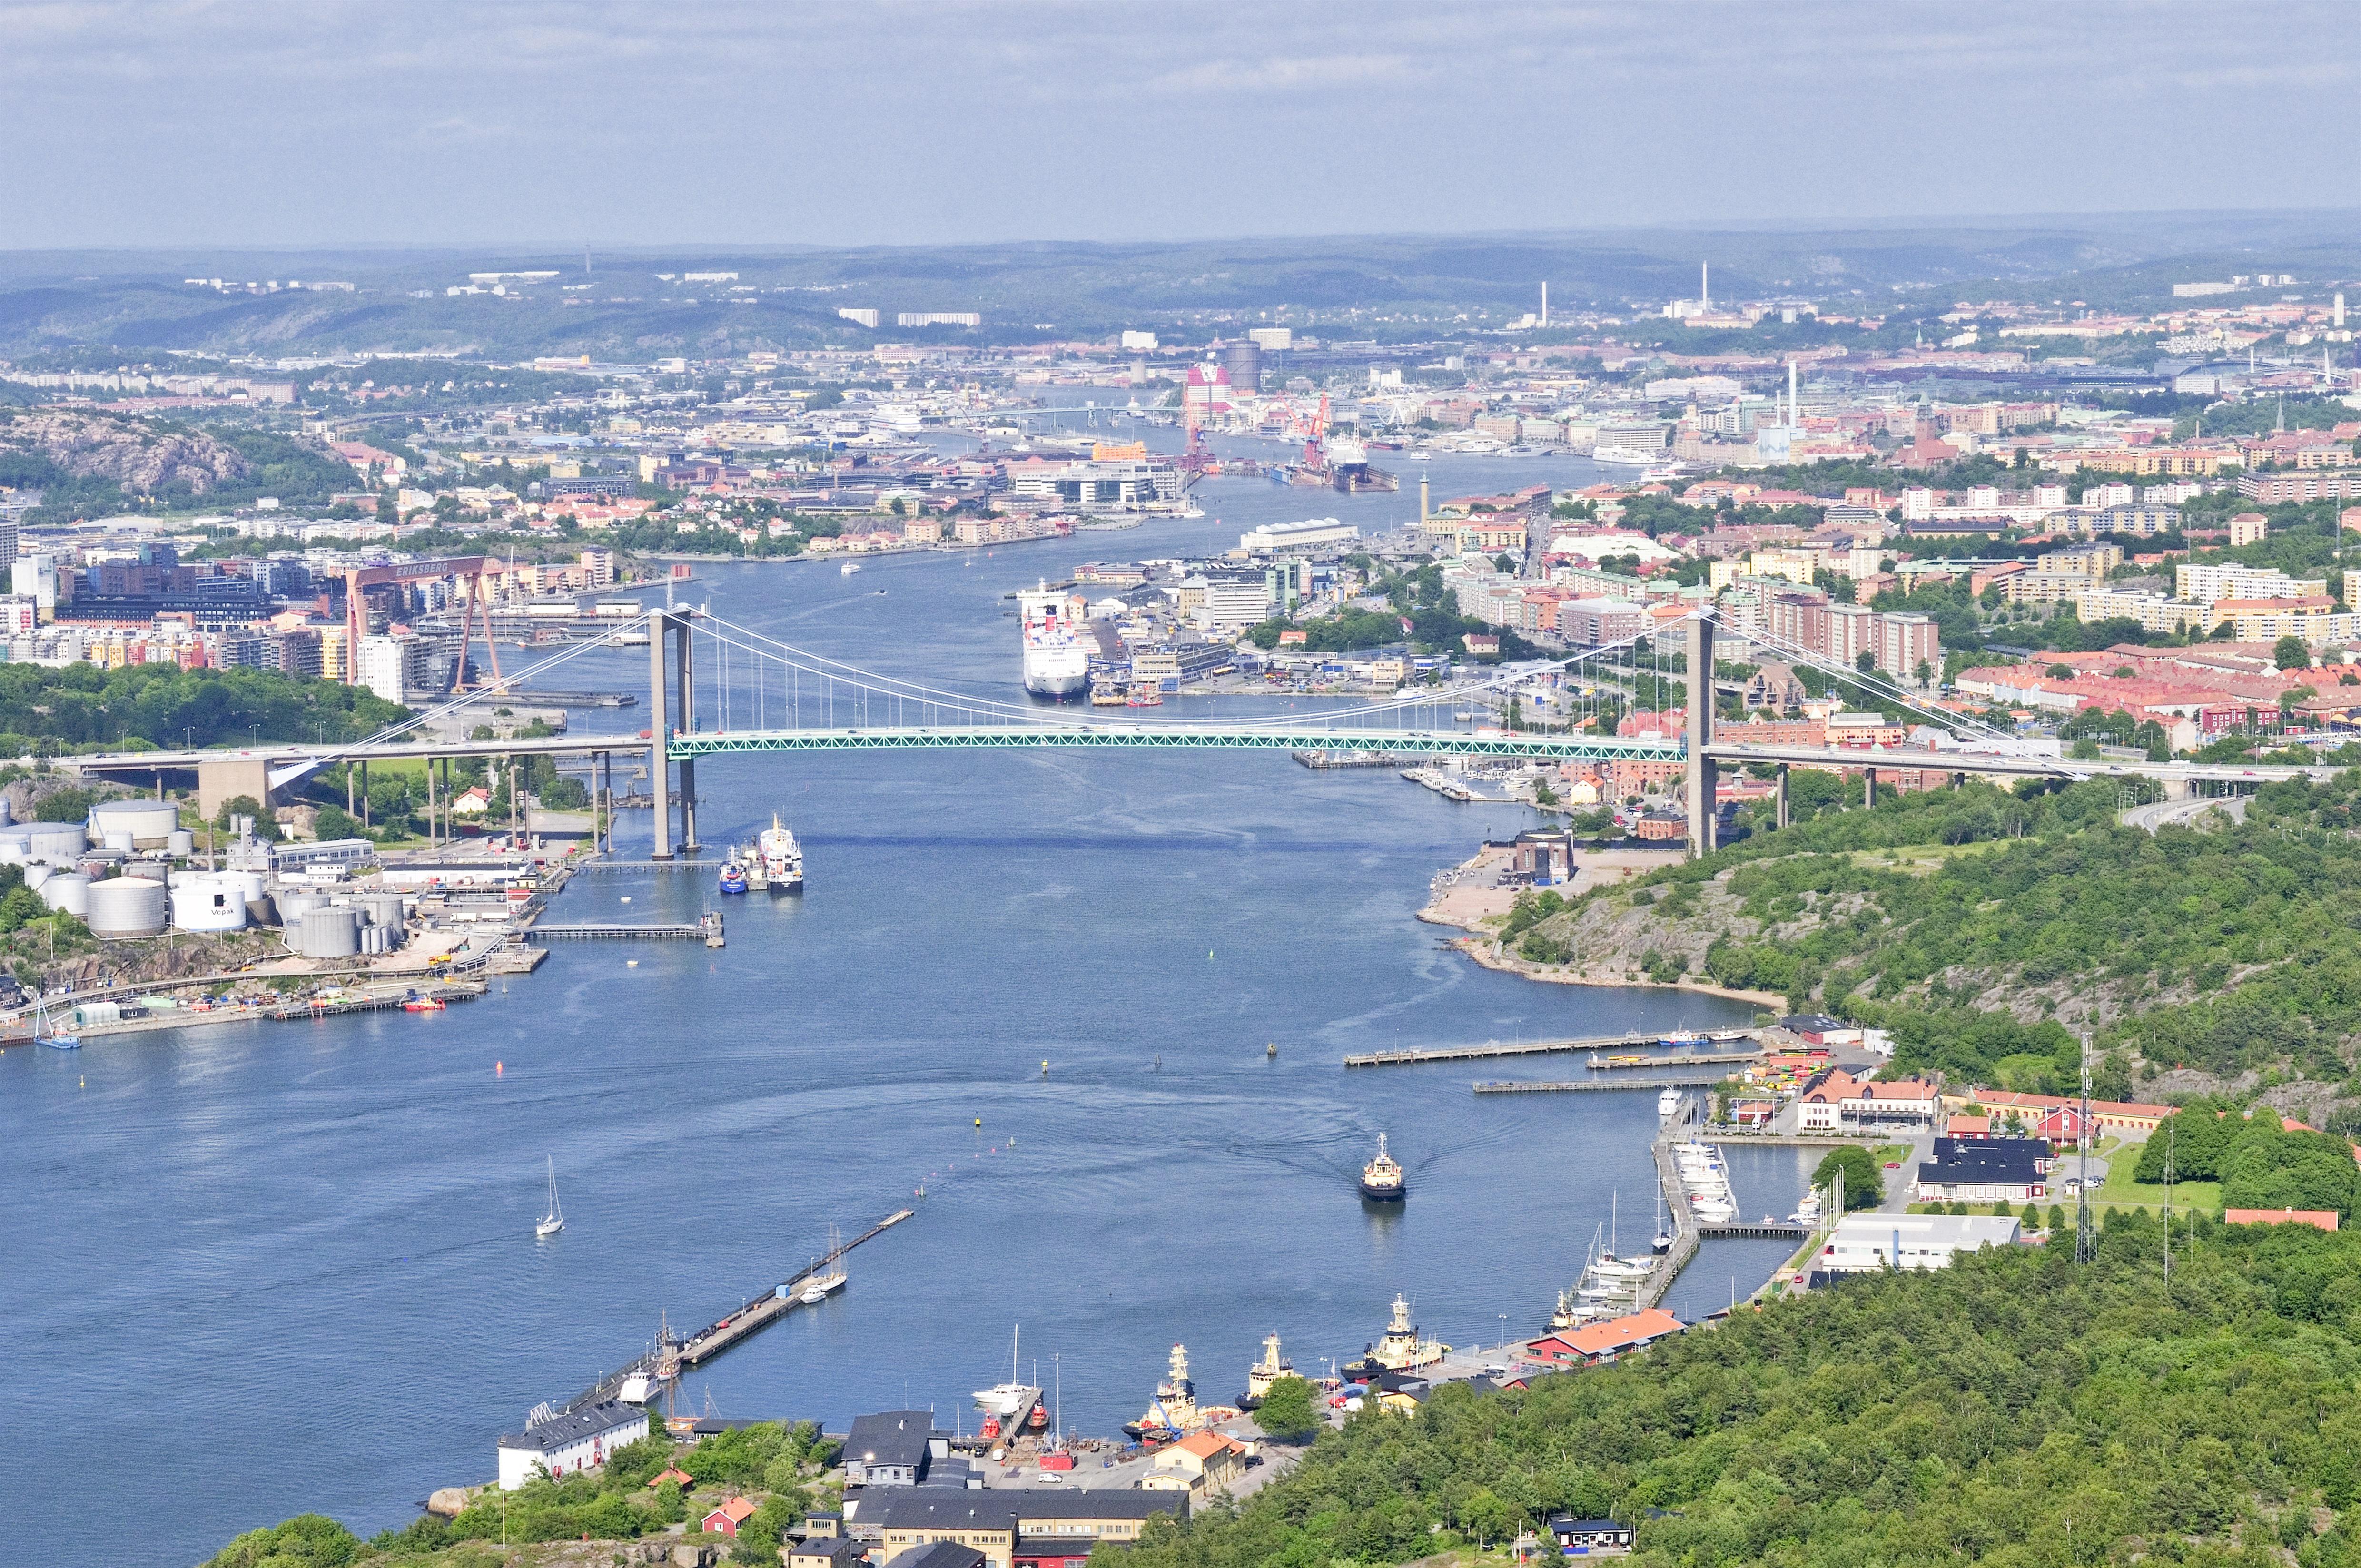 Göteborgs Stad